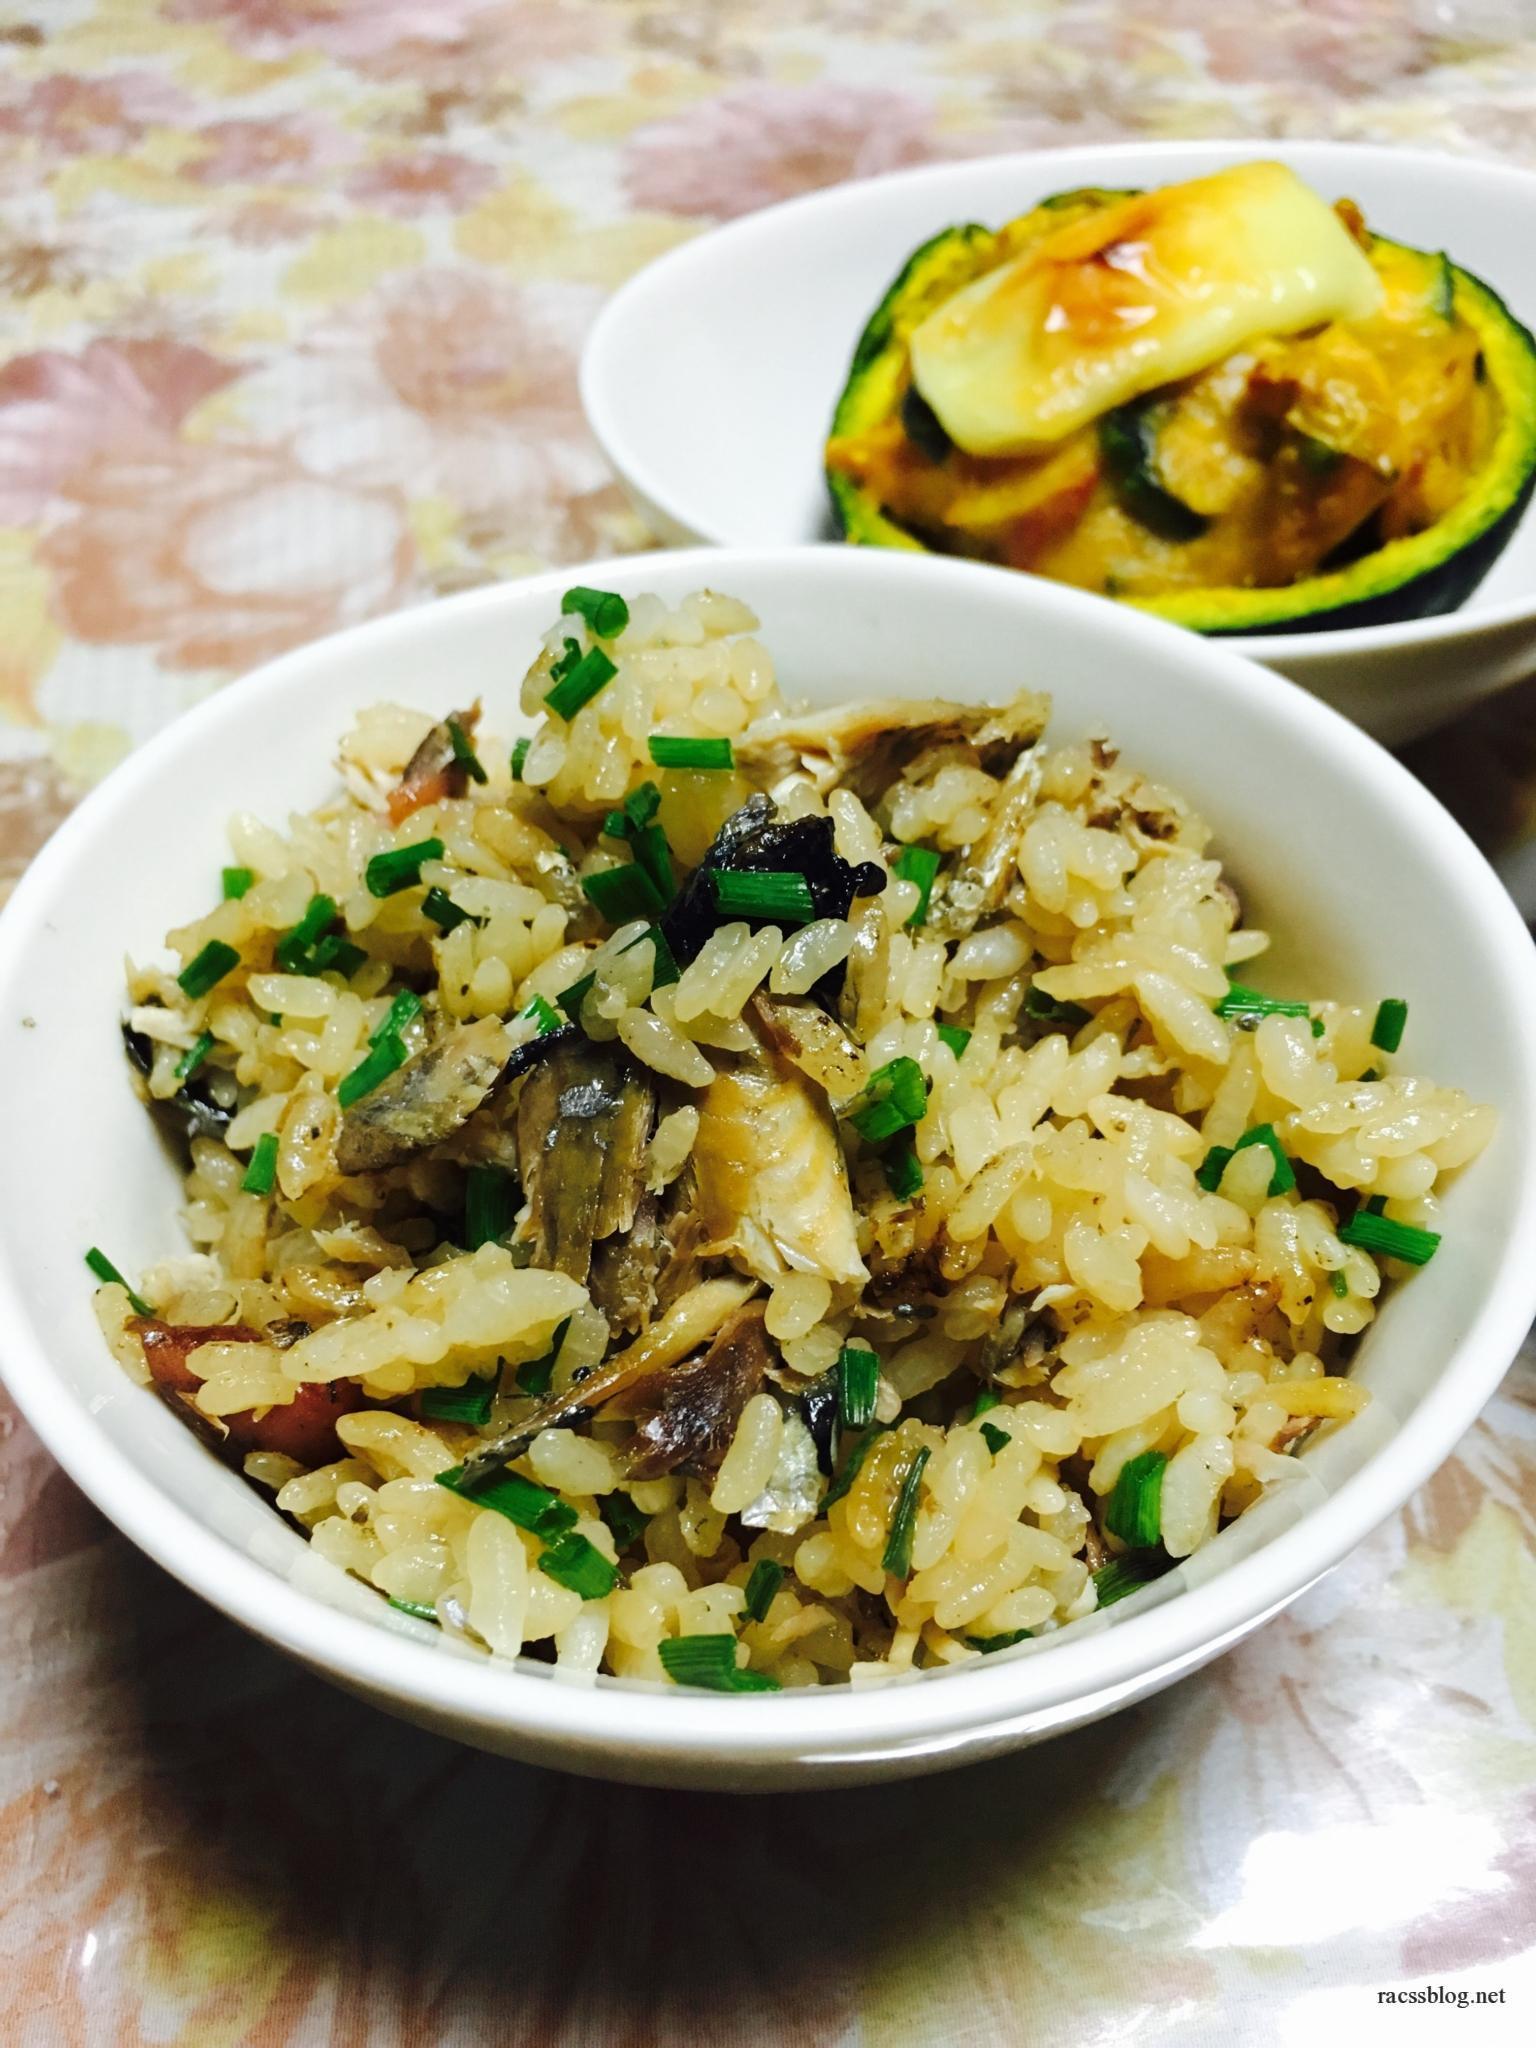 秋刀魚の炊き込みごはんを土鍋で作ってみた